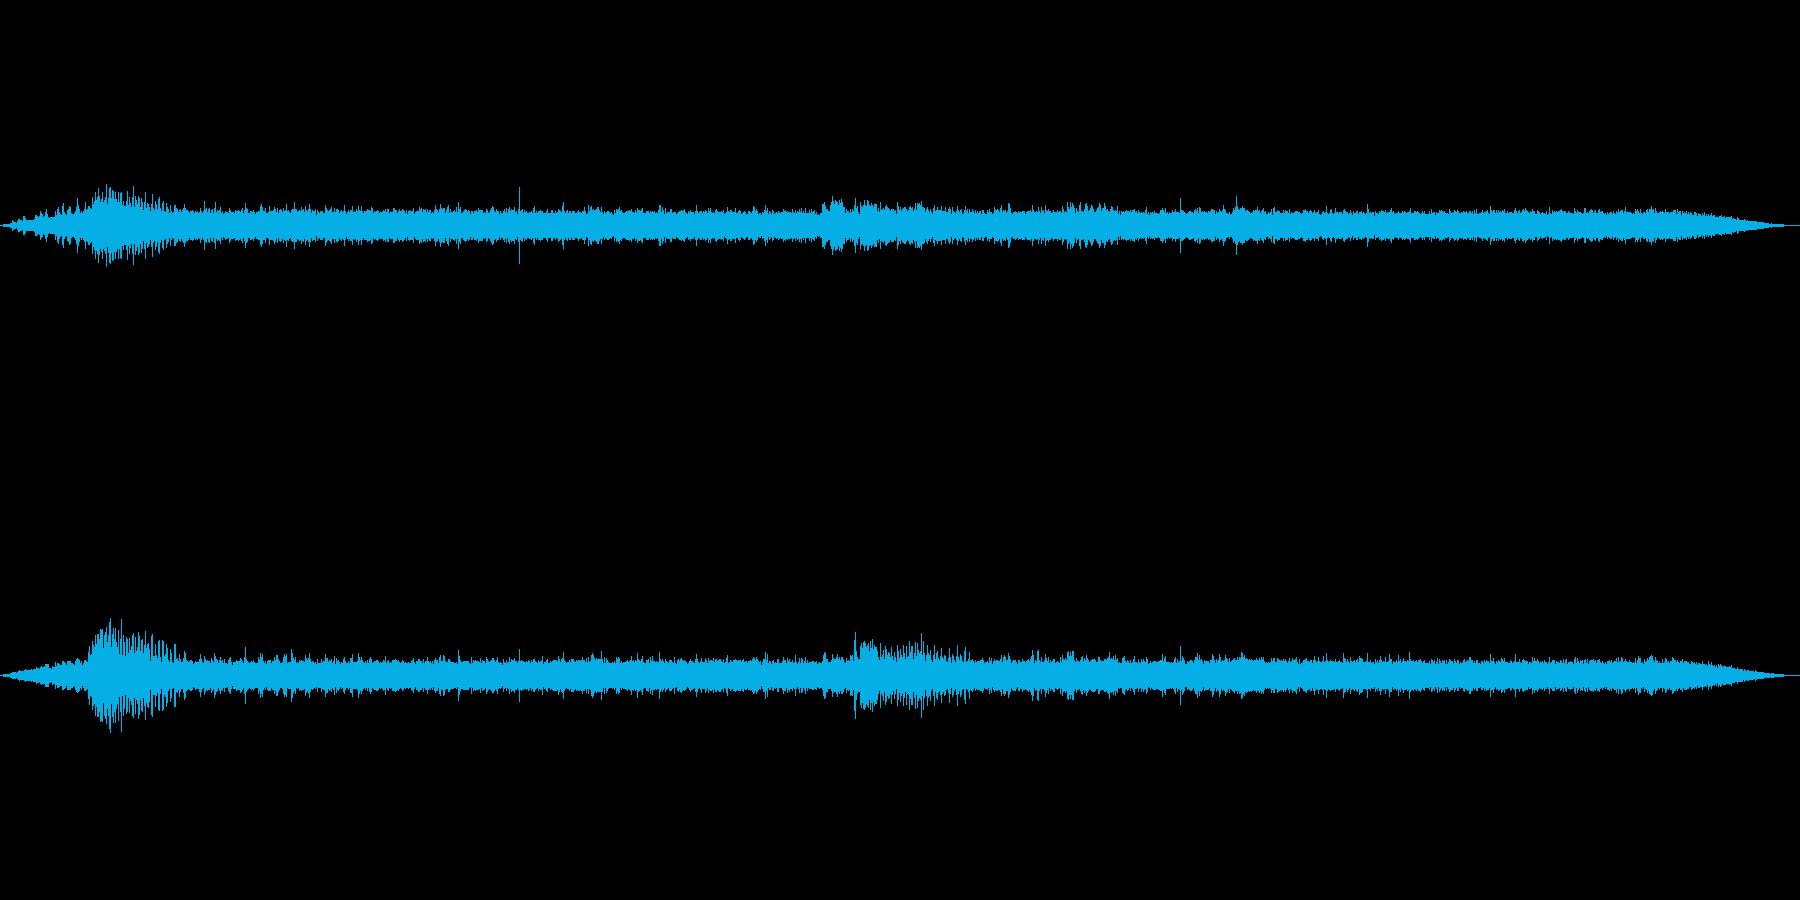 【自然音】渓谷の音(八丈島)の再生済みの波形